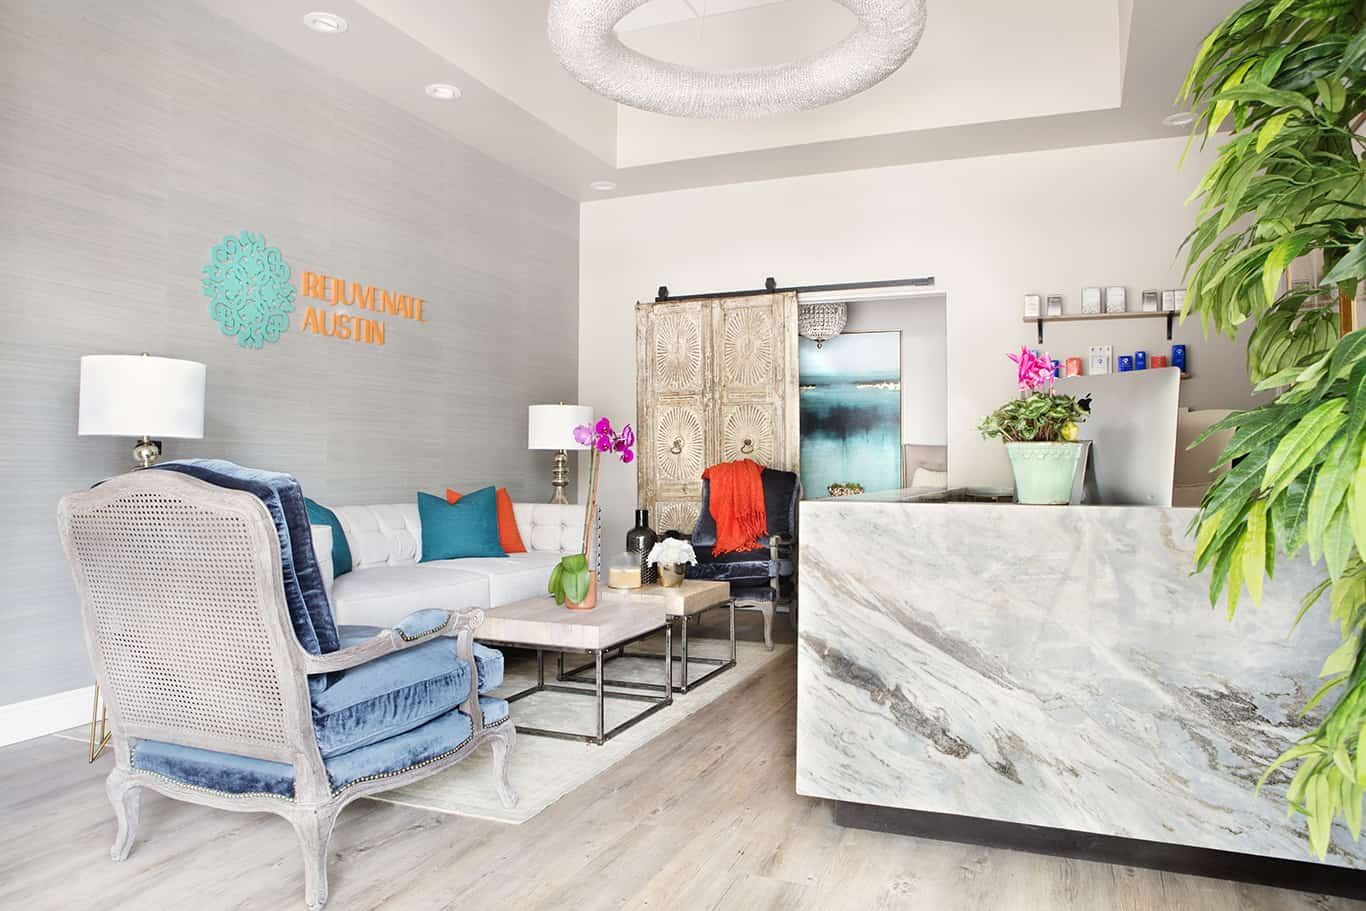 Etch Design Group - designed to give Rejuvenate Austin Medspa a soft and tranquil feel.